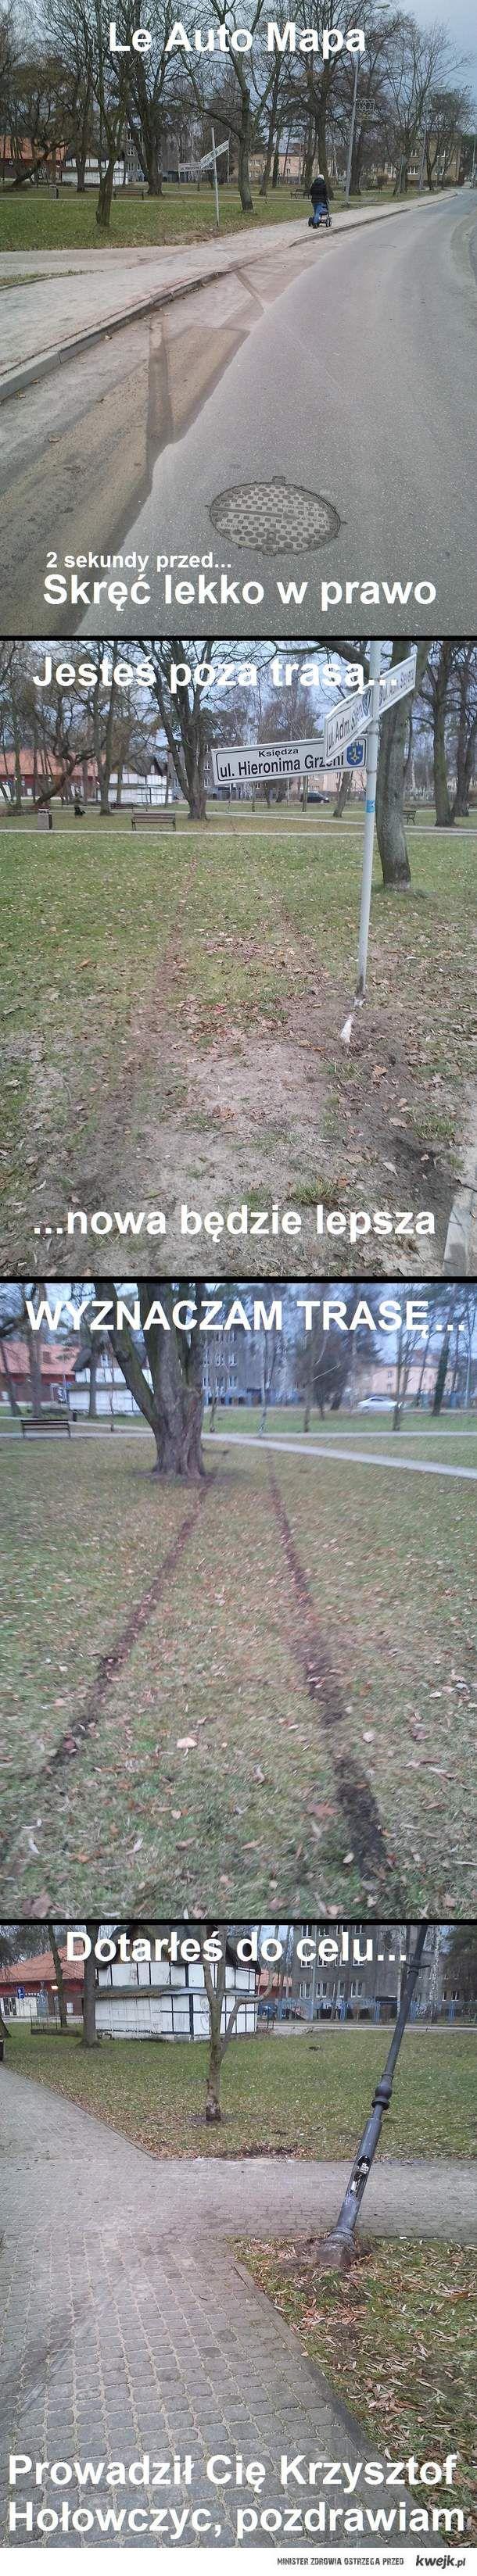 Le Auto Mapa Krzysztof Hołowczyc